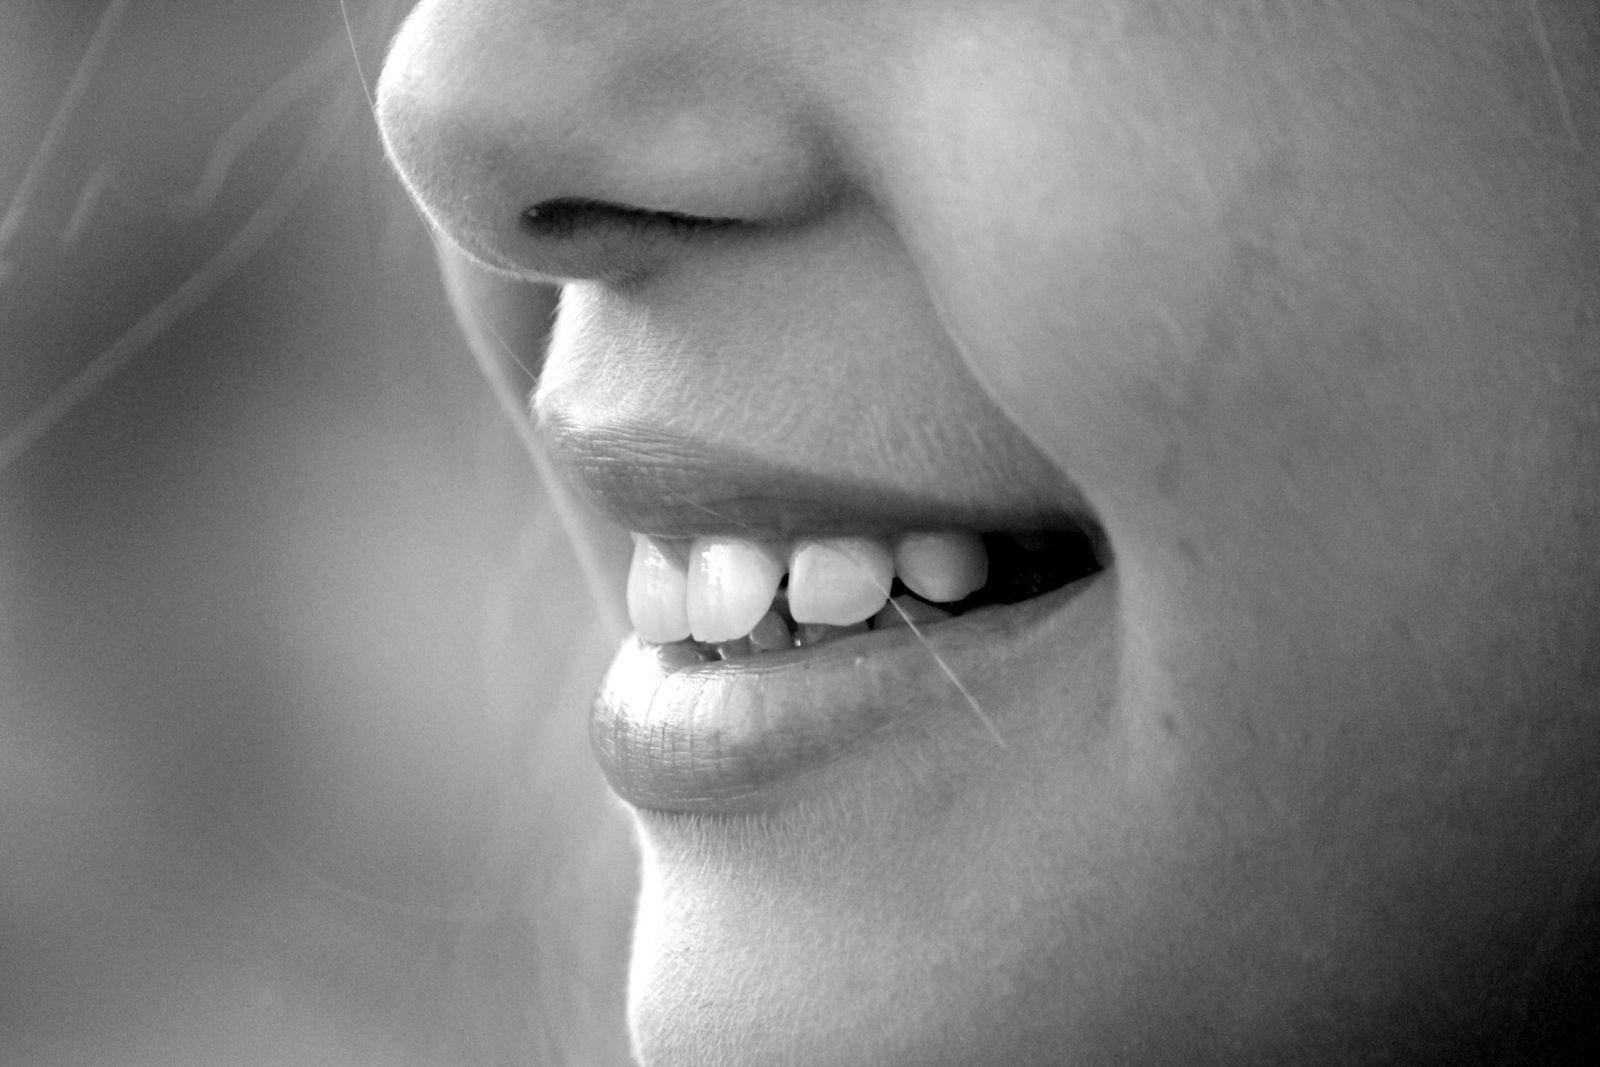 скърцане със зъби